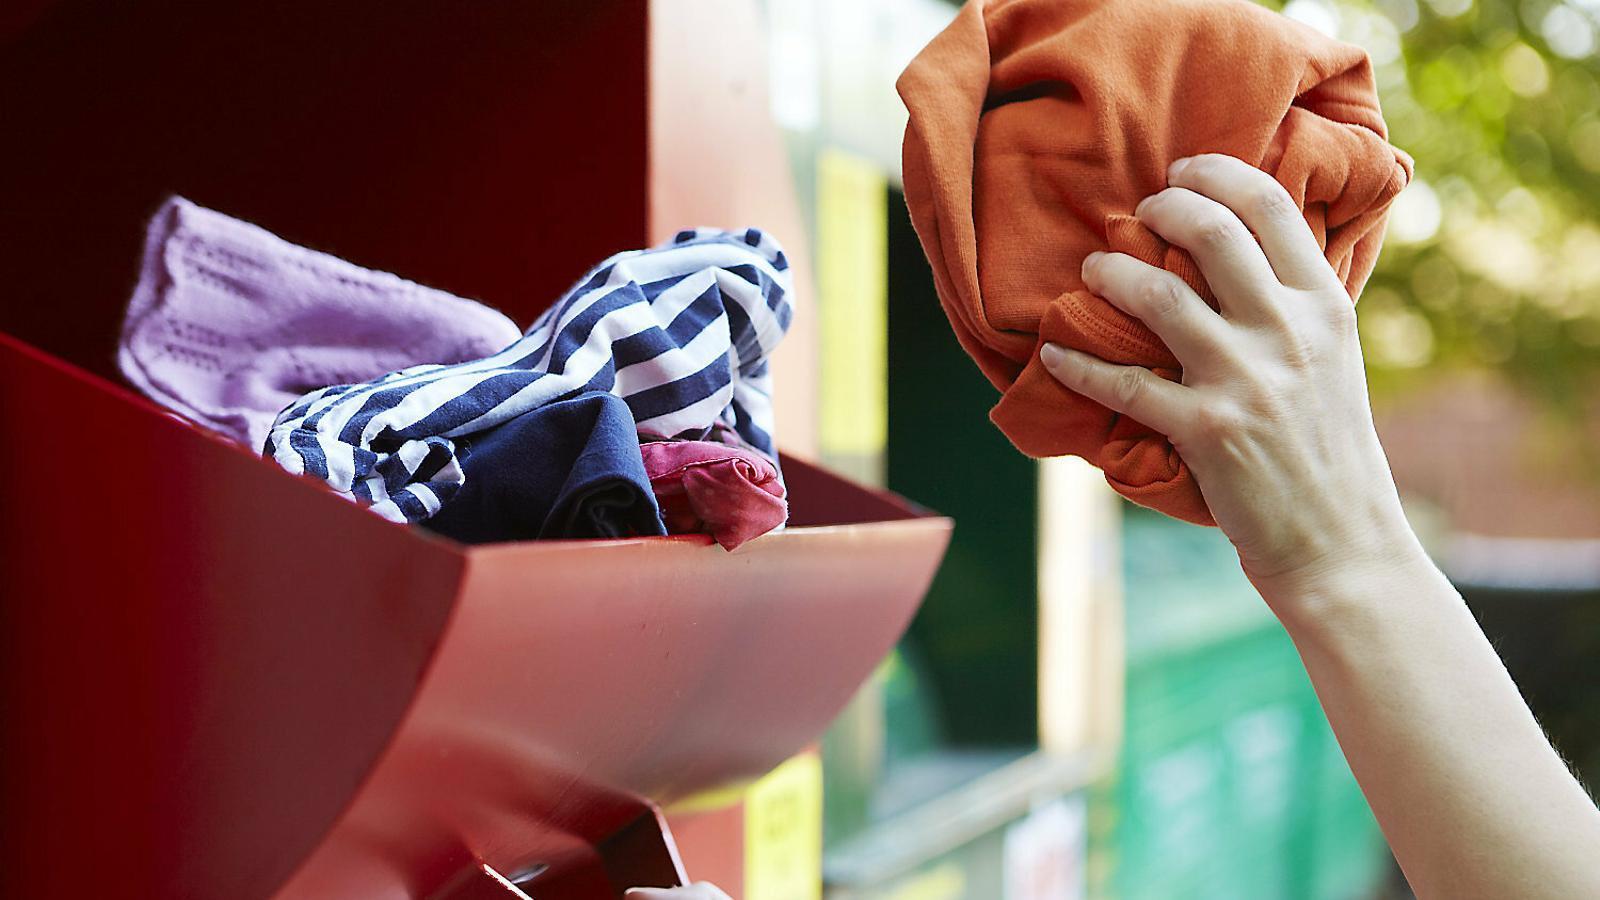 01. La xifra de contenidors per a roba usada encara es baixa però augmentarà en els pròxims anys.  02. Tendim a comprar i acumular molta roba, molta més de la que ens posem.    03. Anna Estany, a l'esquerra, amb diverses peces que ha fet a partir de roba reciclada.